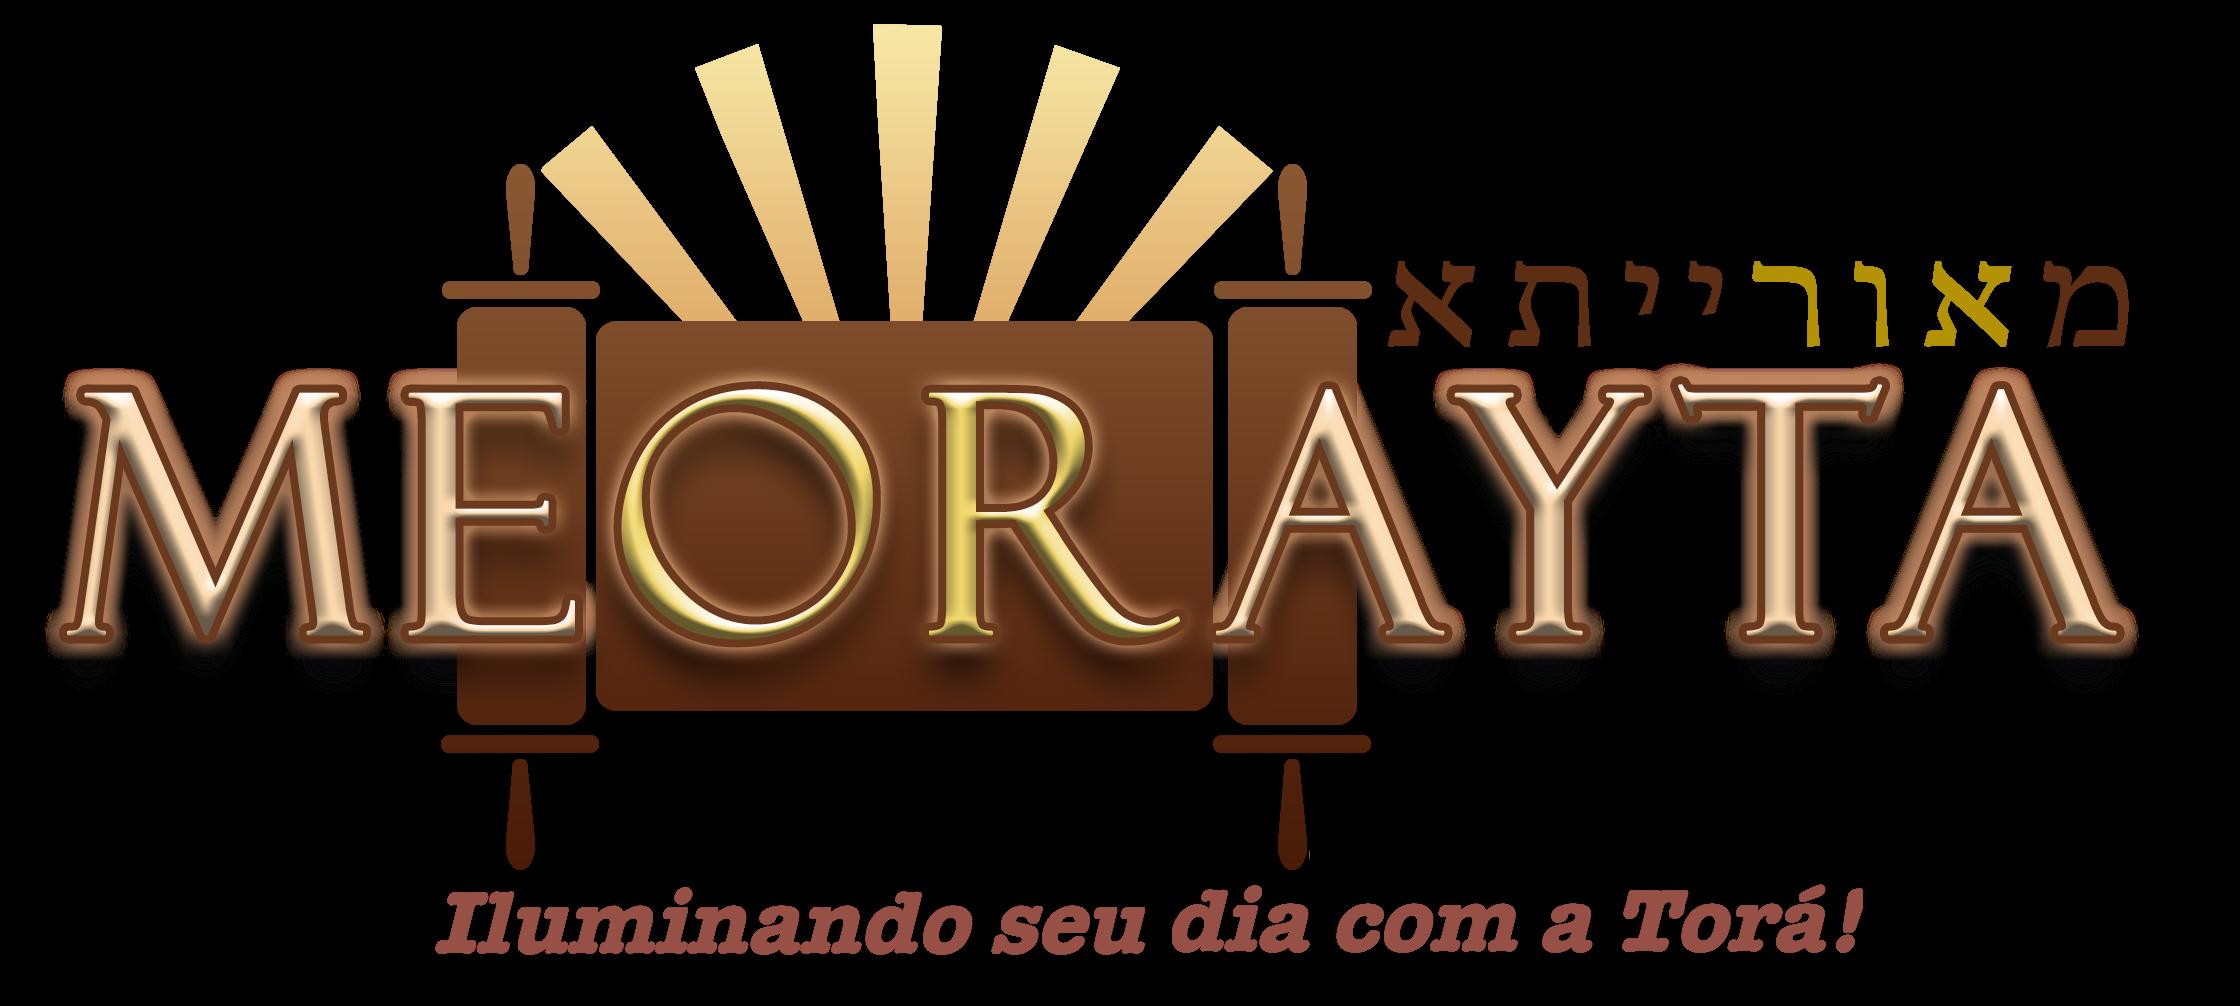 Meorayta